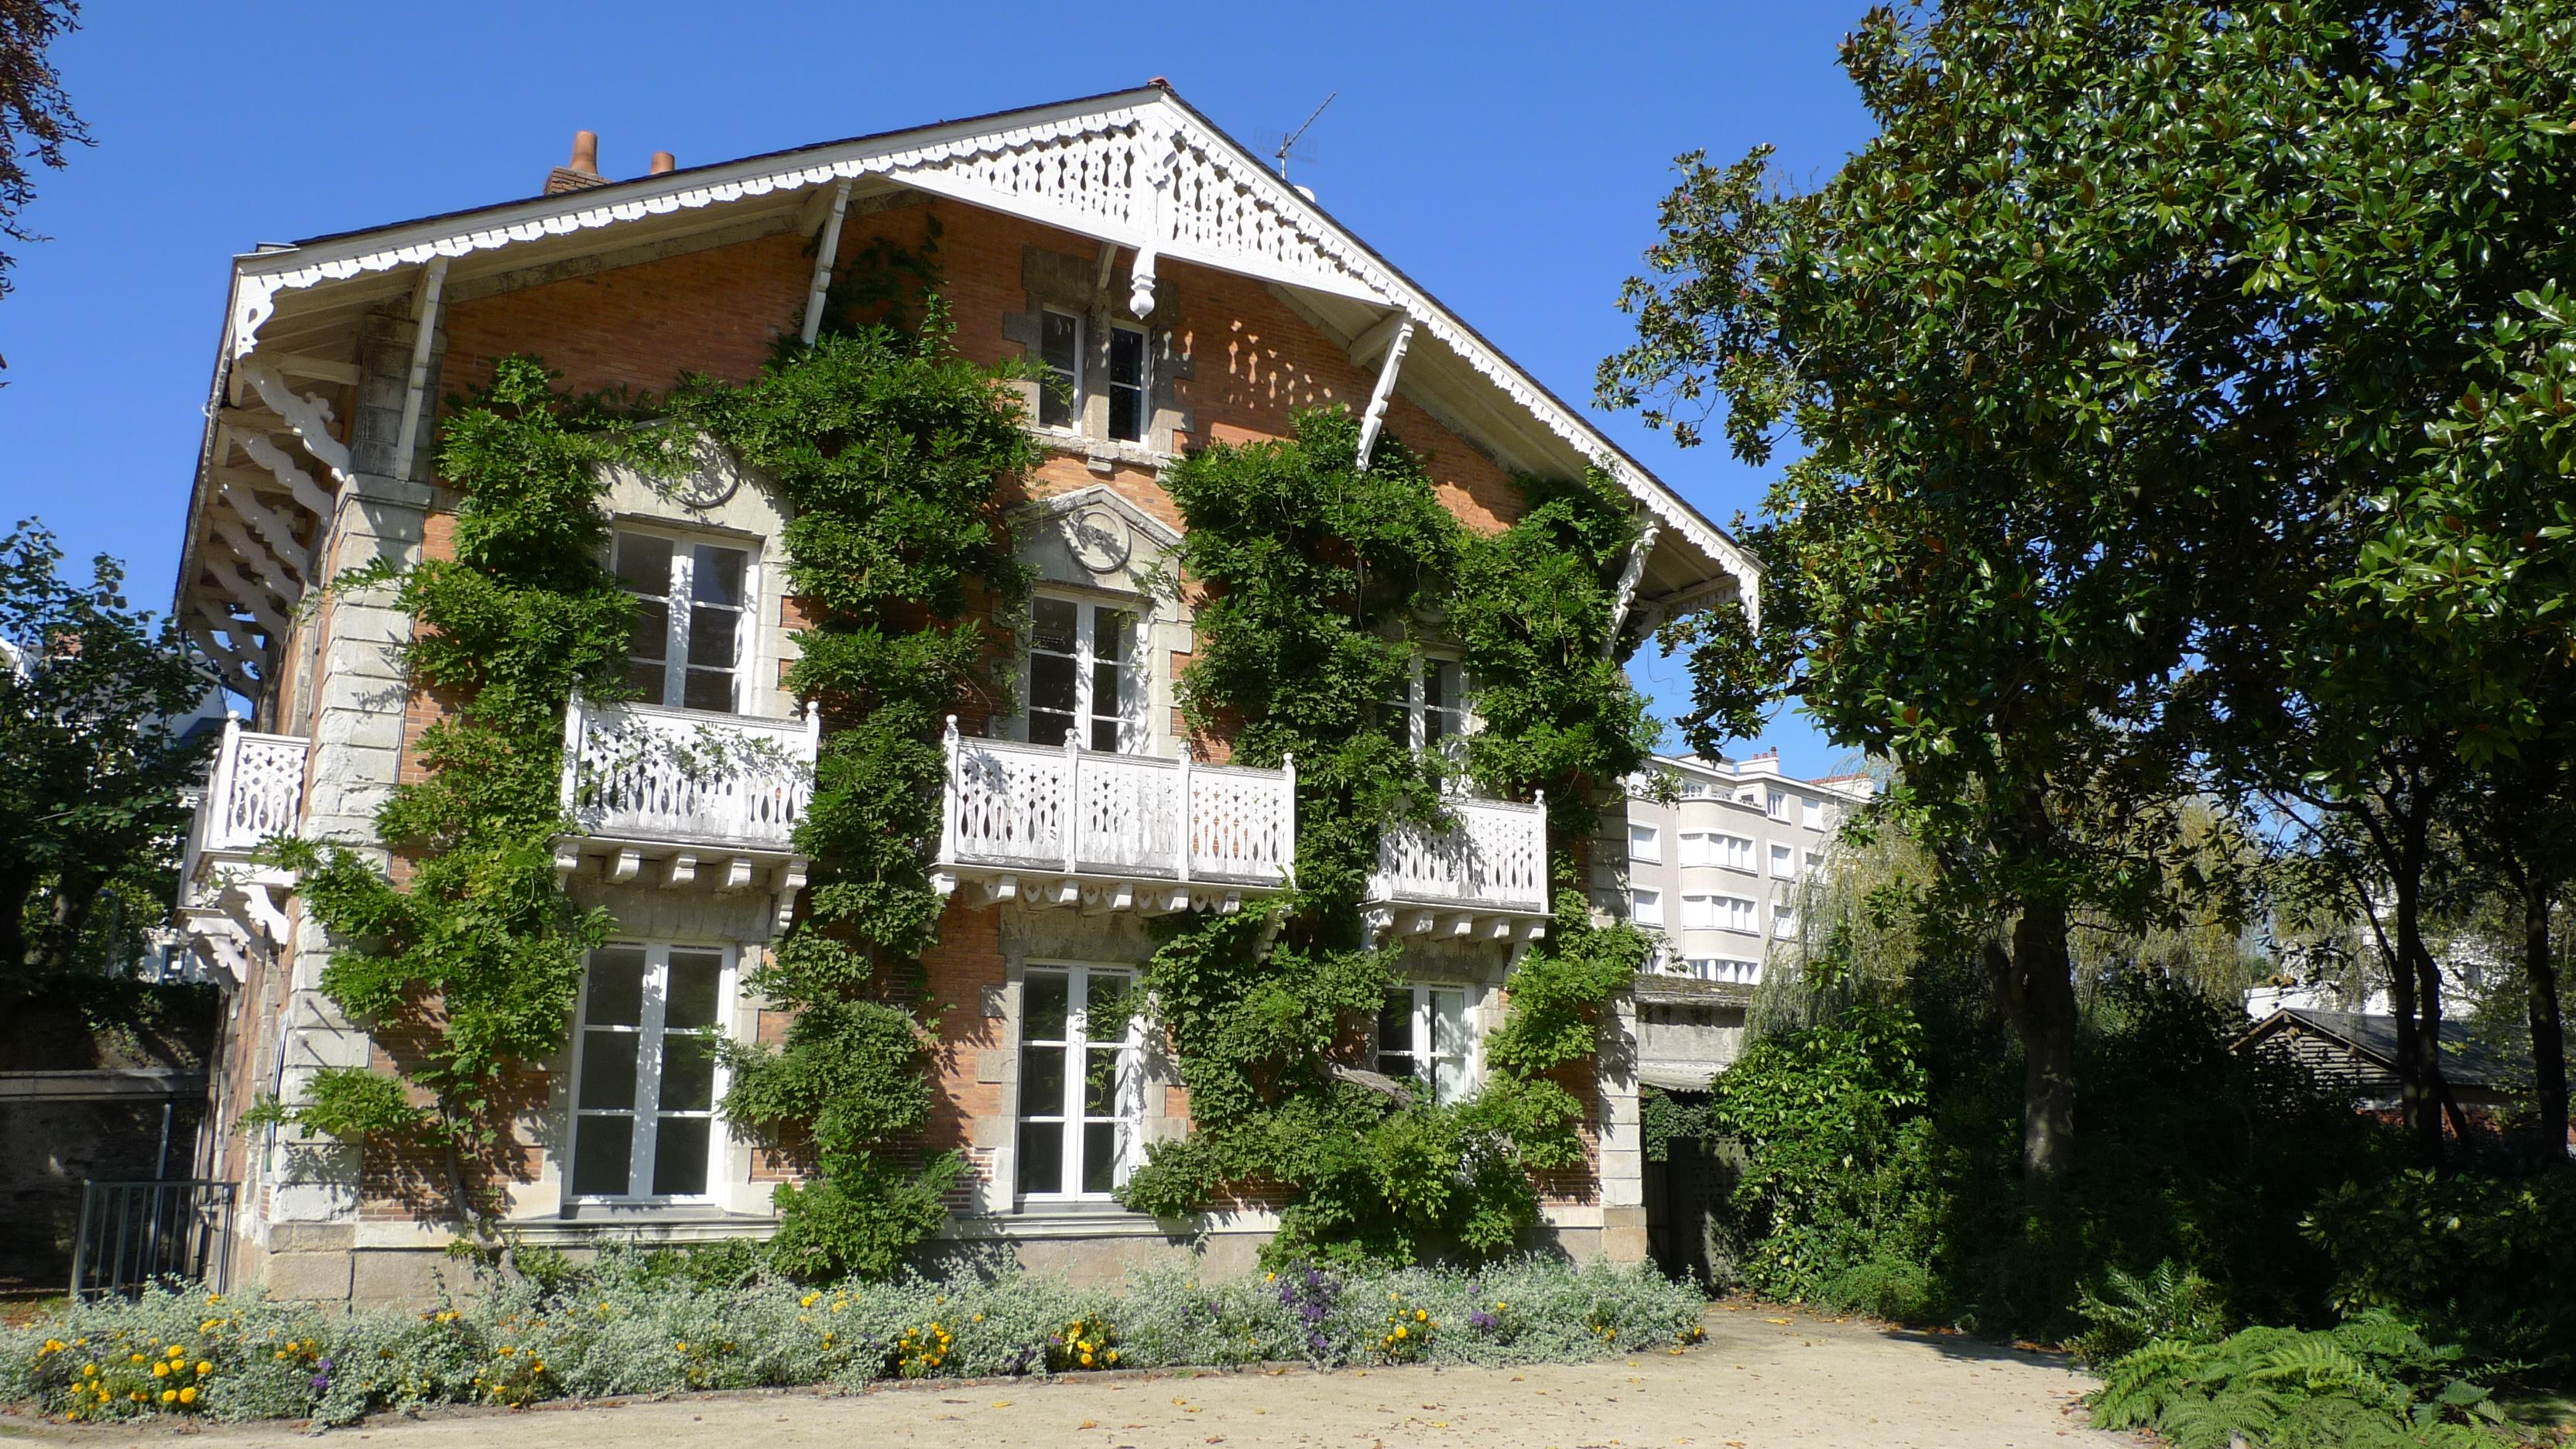 Jardin des plantes nantes for Restaurant jardin des plantes nantes